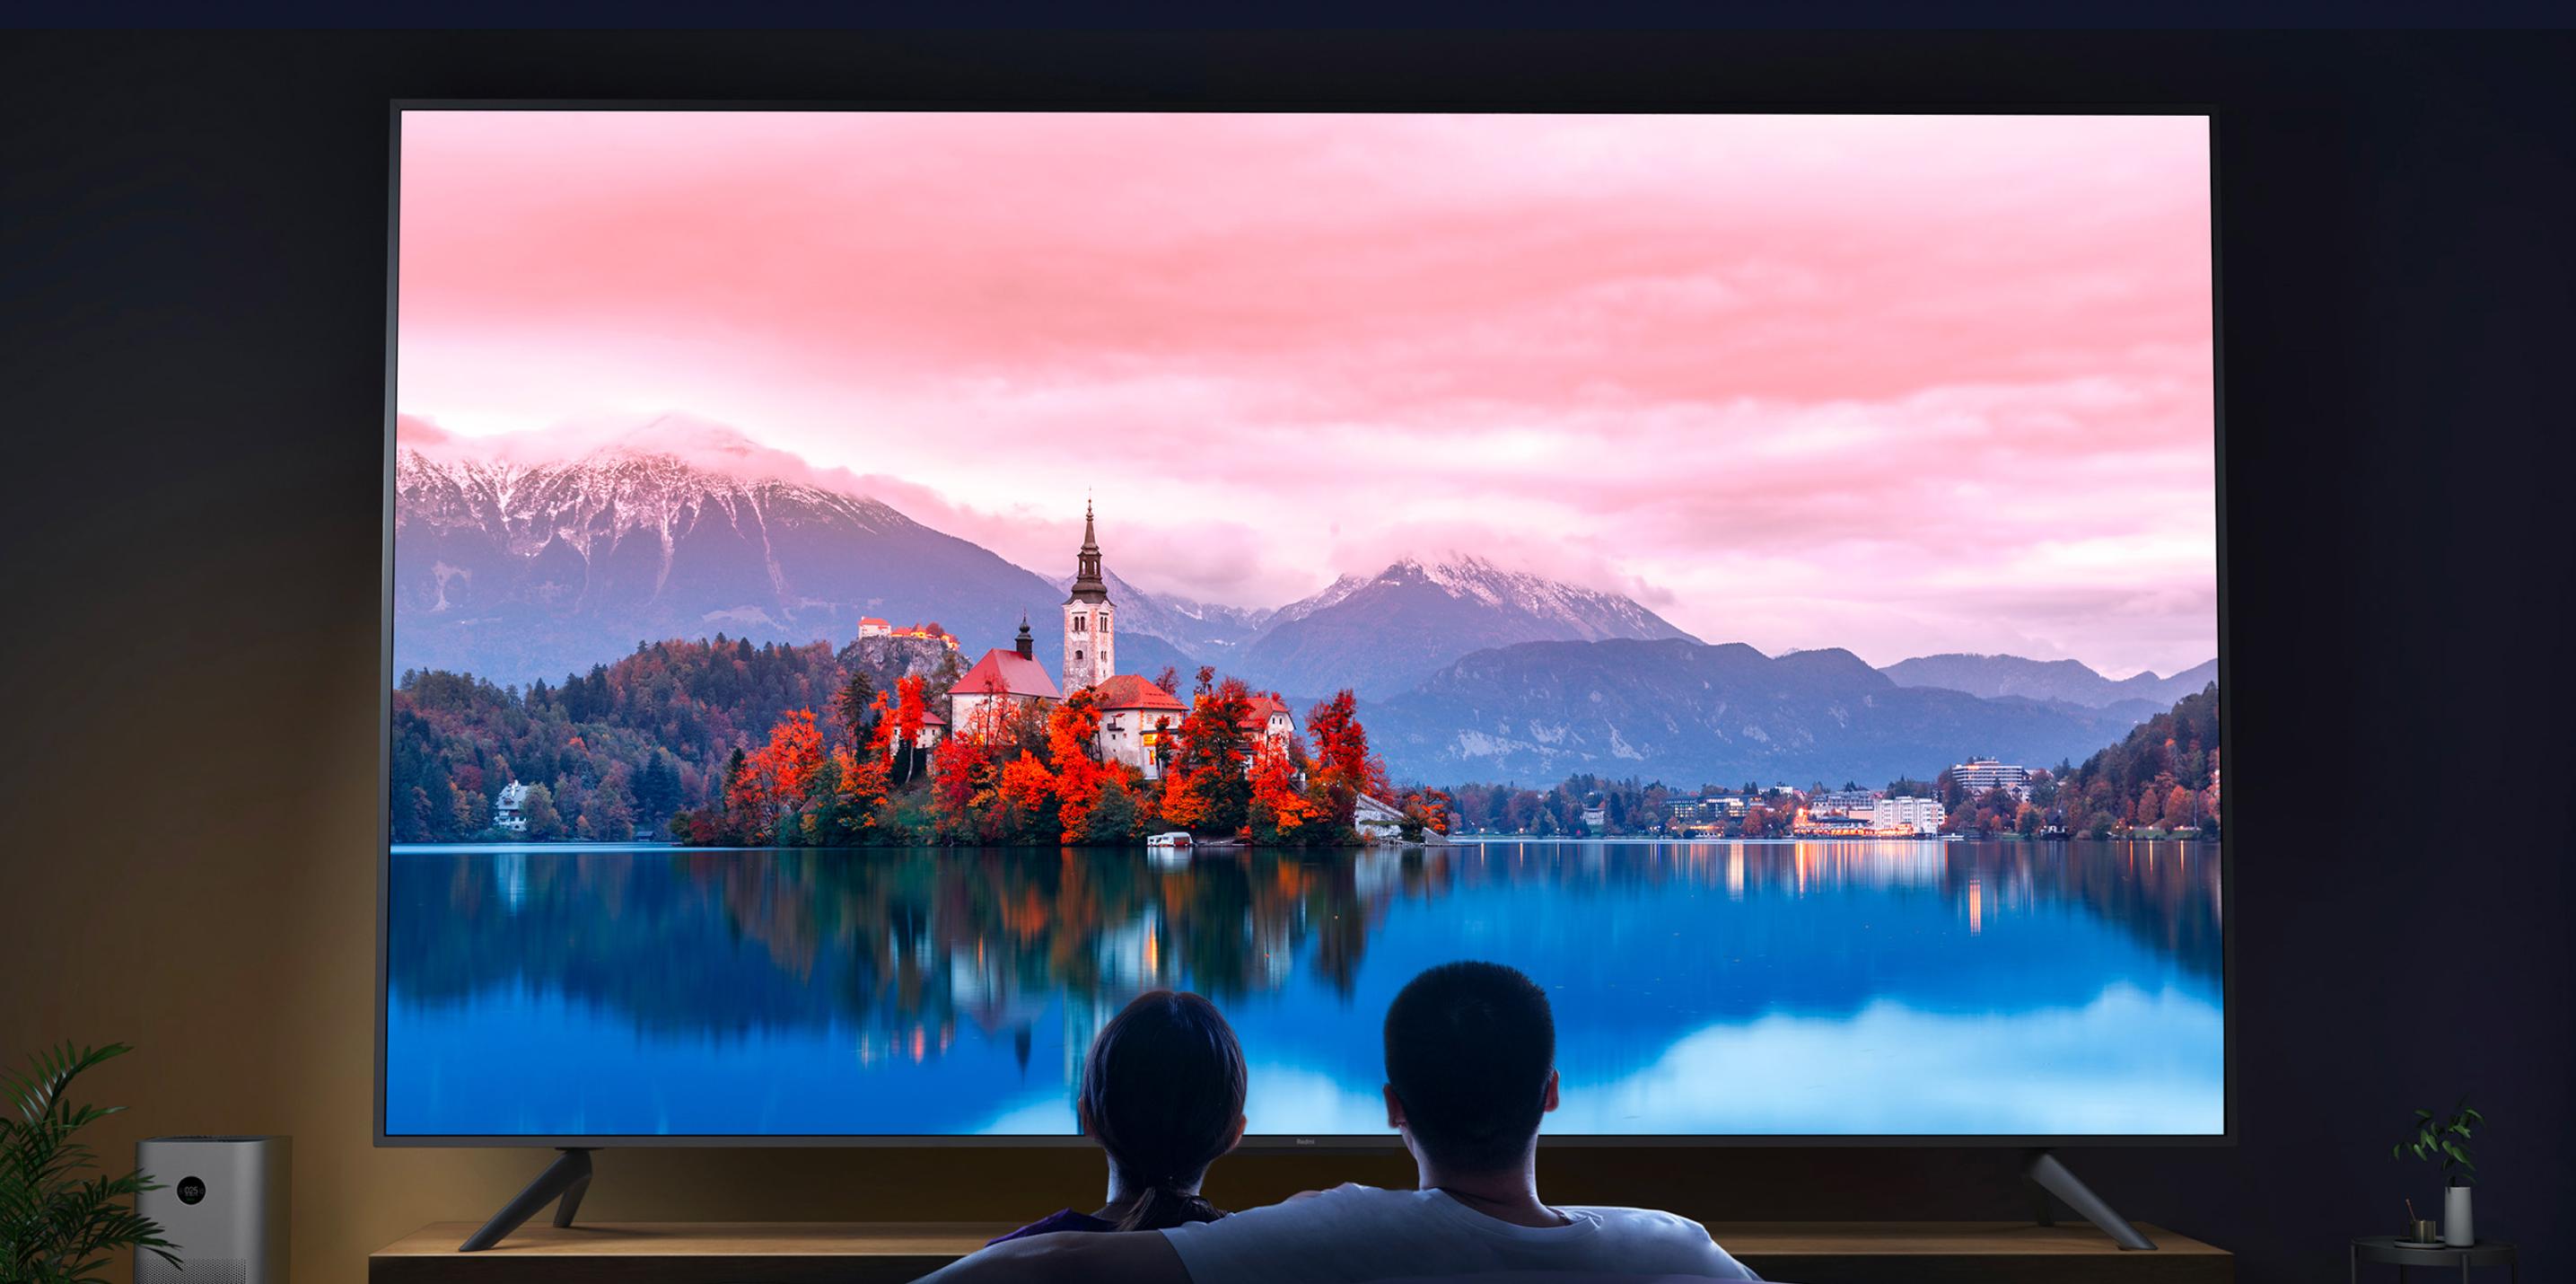 Не только Redmi K40 и RedmiBook Pro: Xiaomi 25 февраля покажет обновлённый гигантский телевизор Redmi TV Max